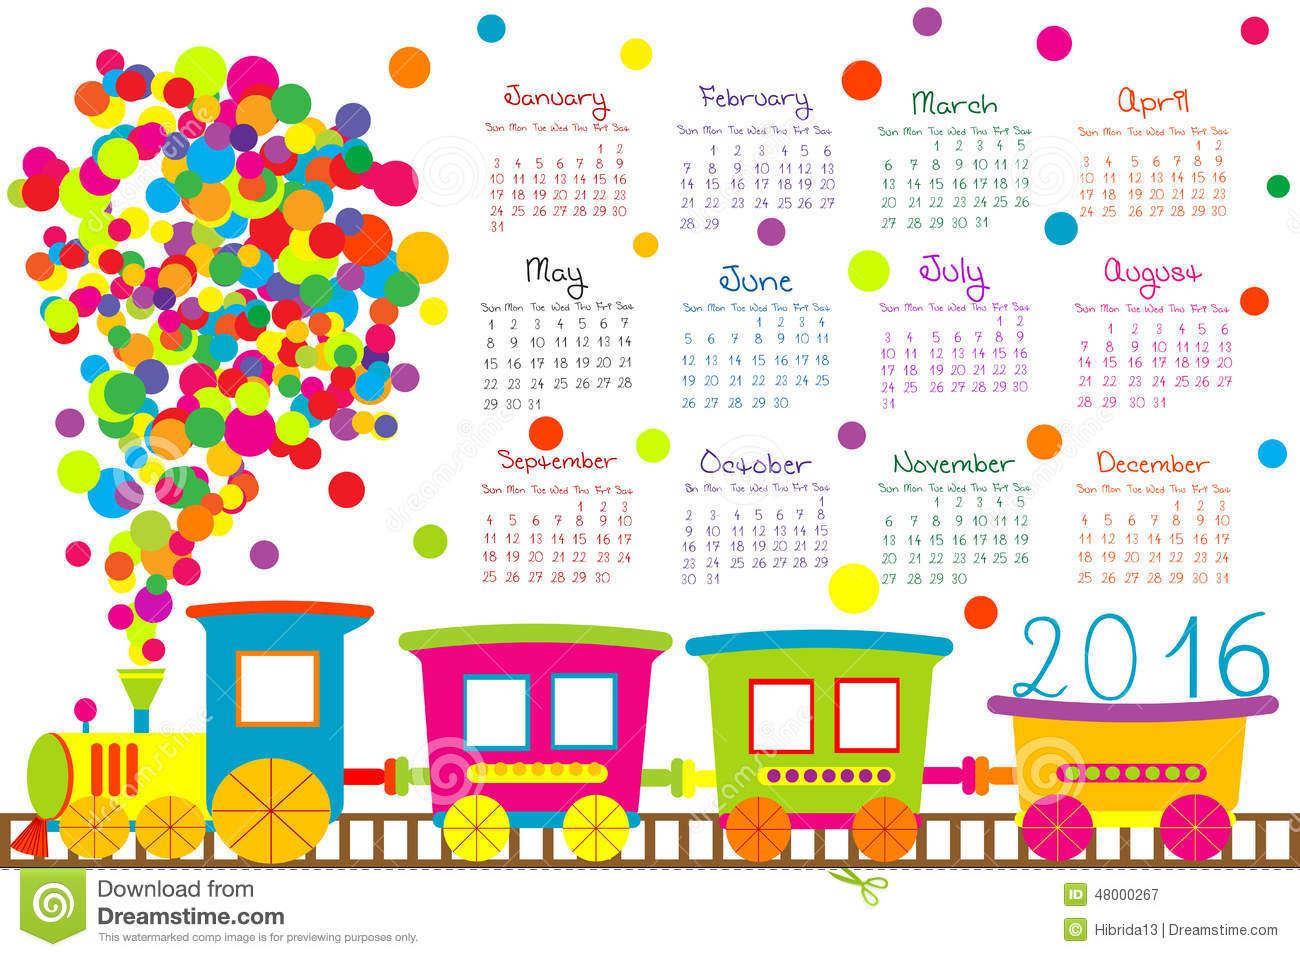 2016 Calendar Clipart - Clipart Kid free